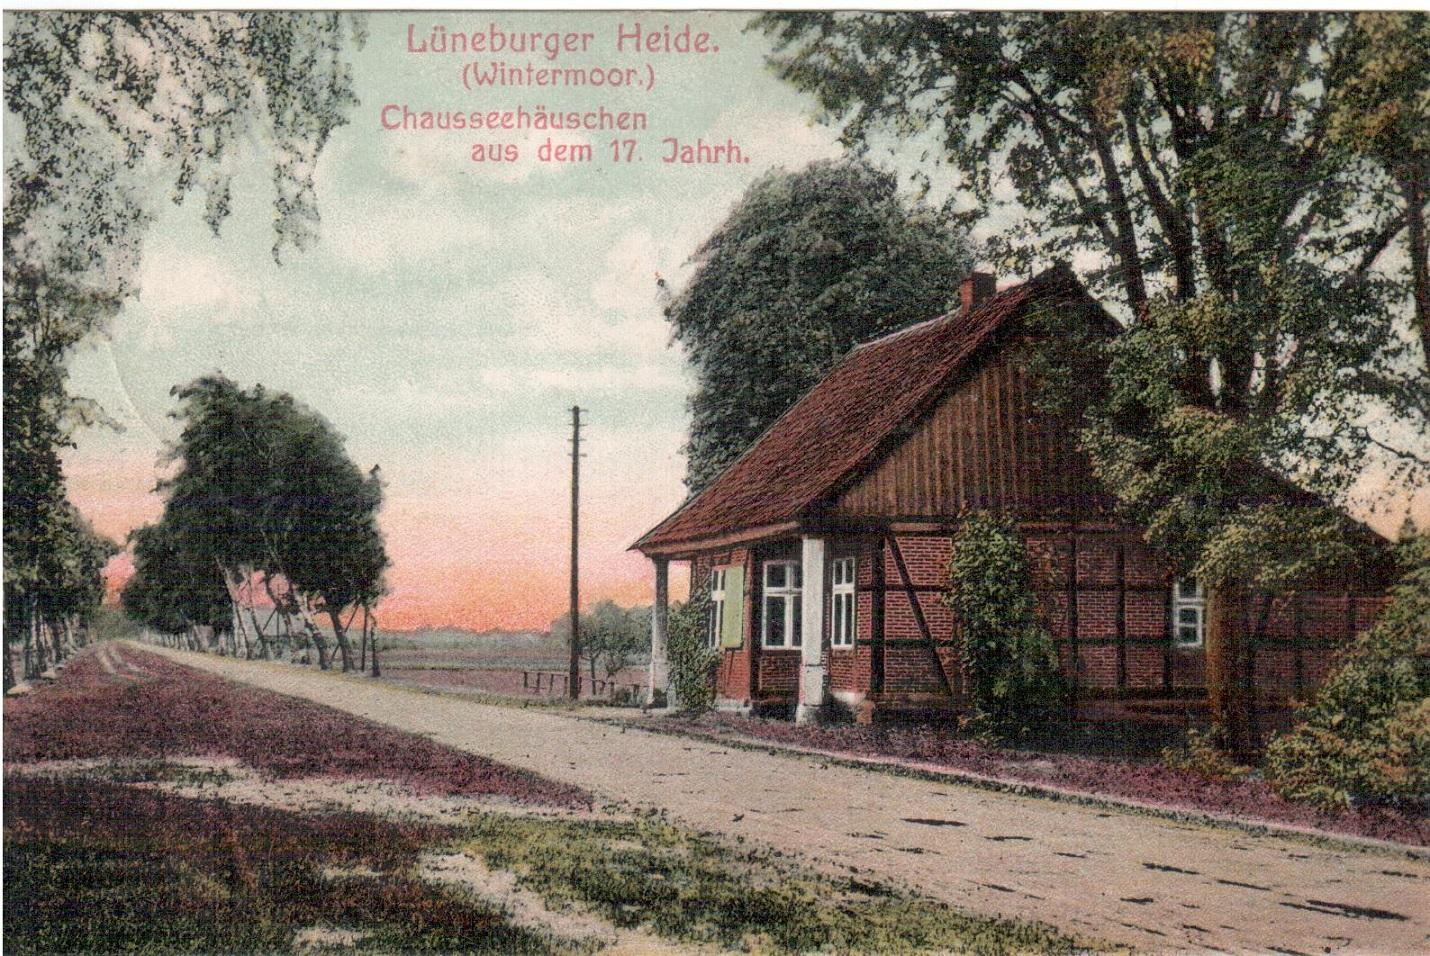 Ansichtskarte Chausseehaus Wintermoor gelaufen 1910 Verlag von Kumm 667